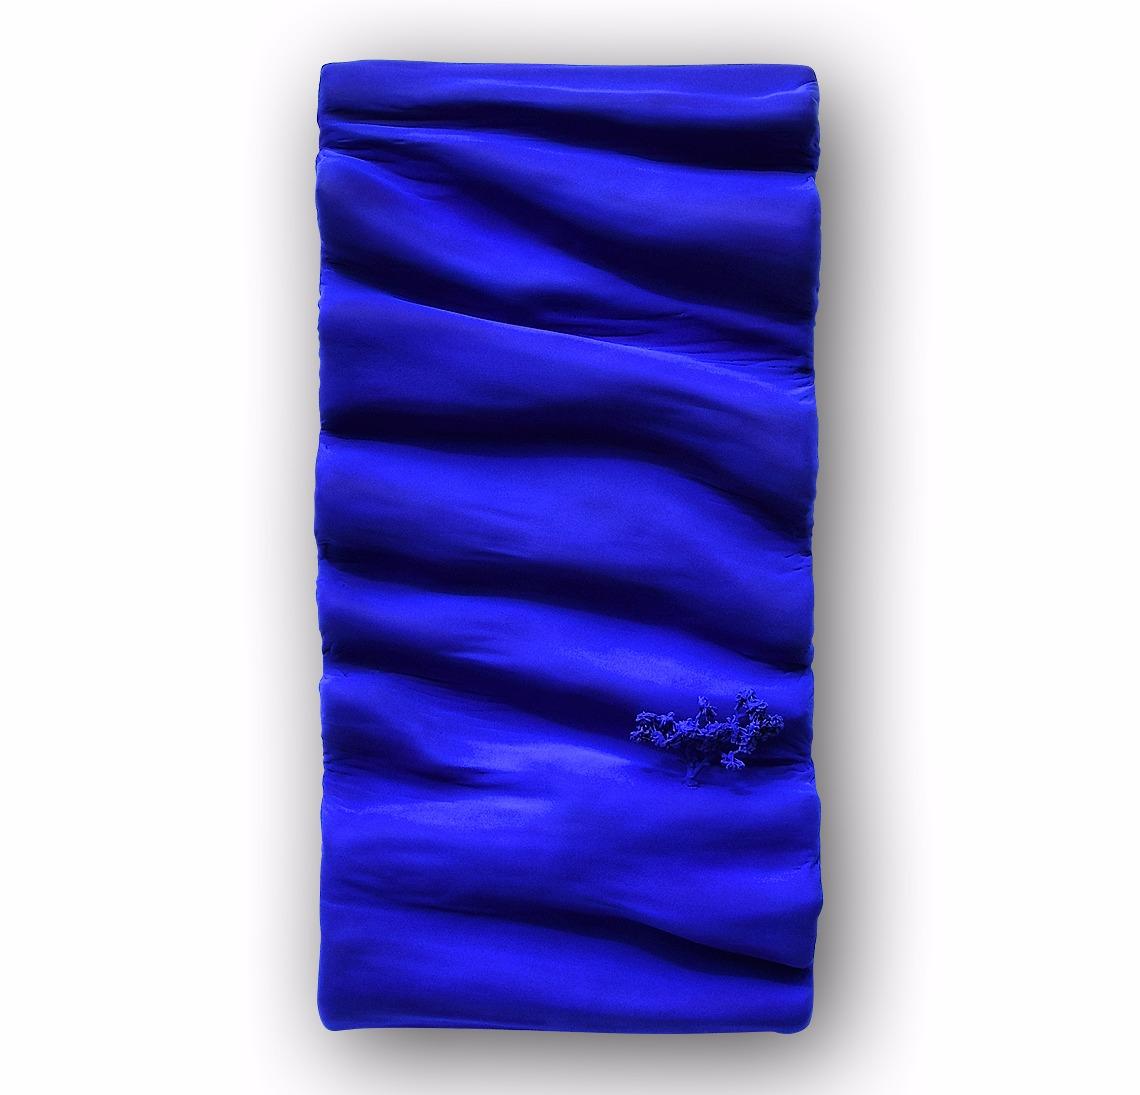 tableau contemporain design monochrome bleu klein aux pigments par l'artiste Did Morères Corrèze